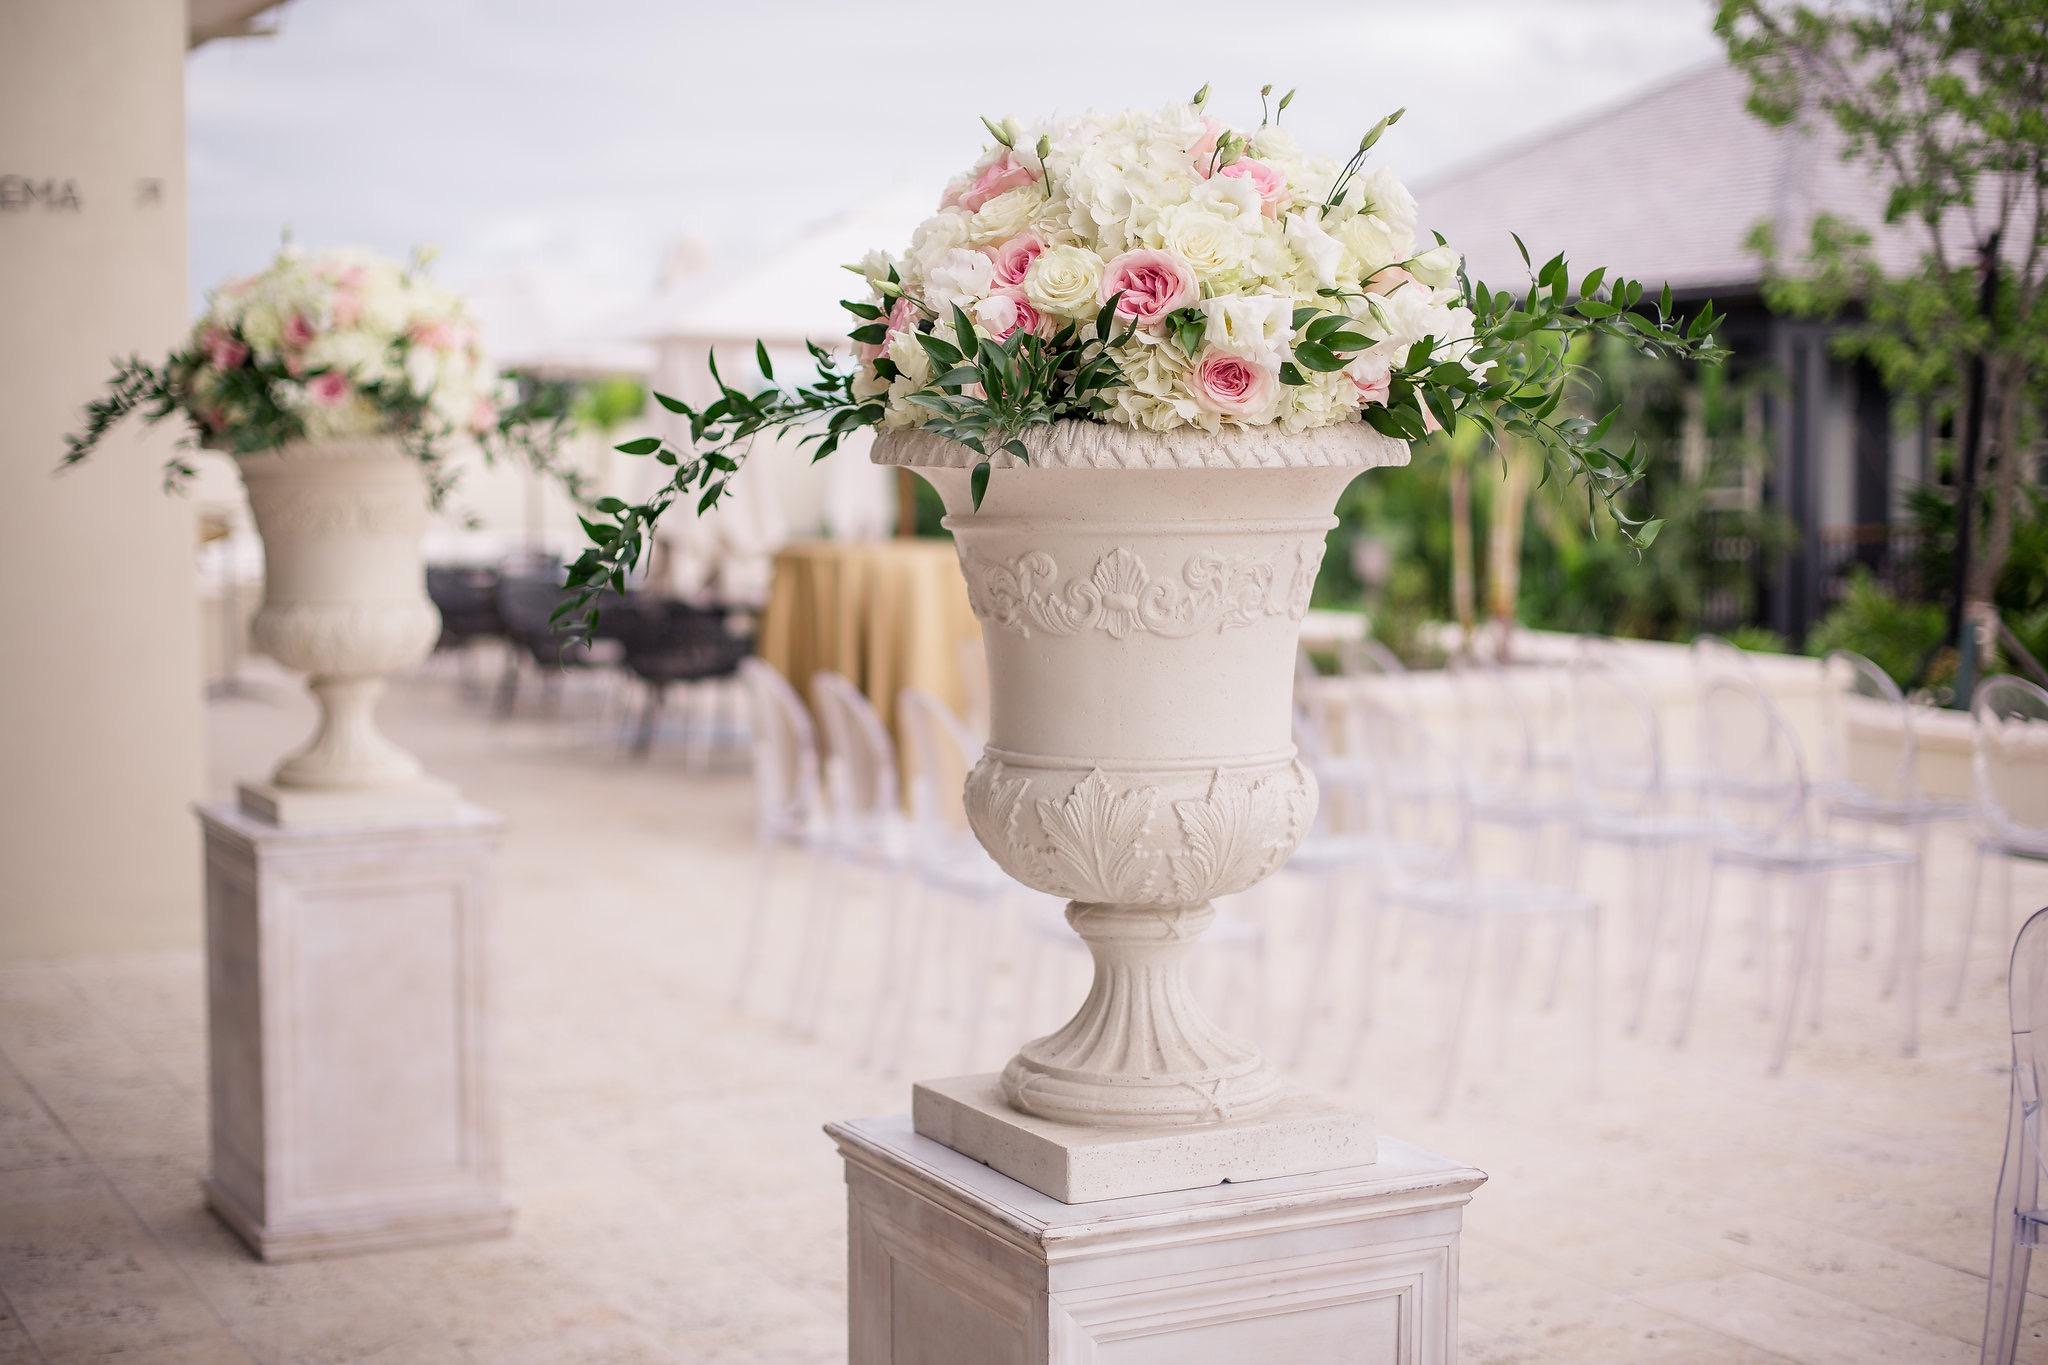 EboniRobyn-Wedding-MeganChris-IslandHouse-58.jpg